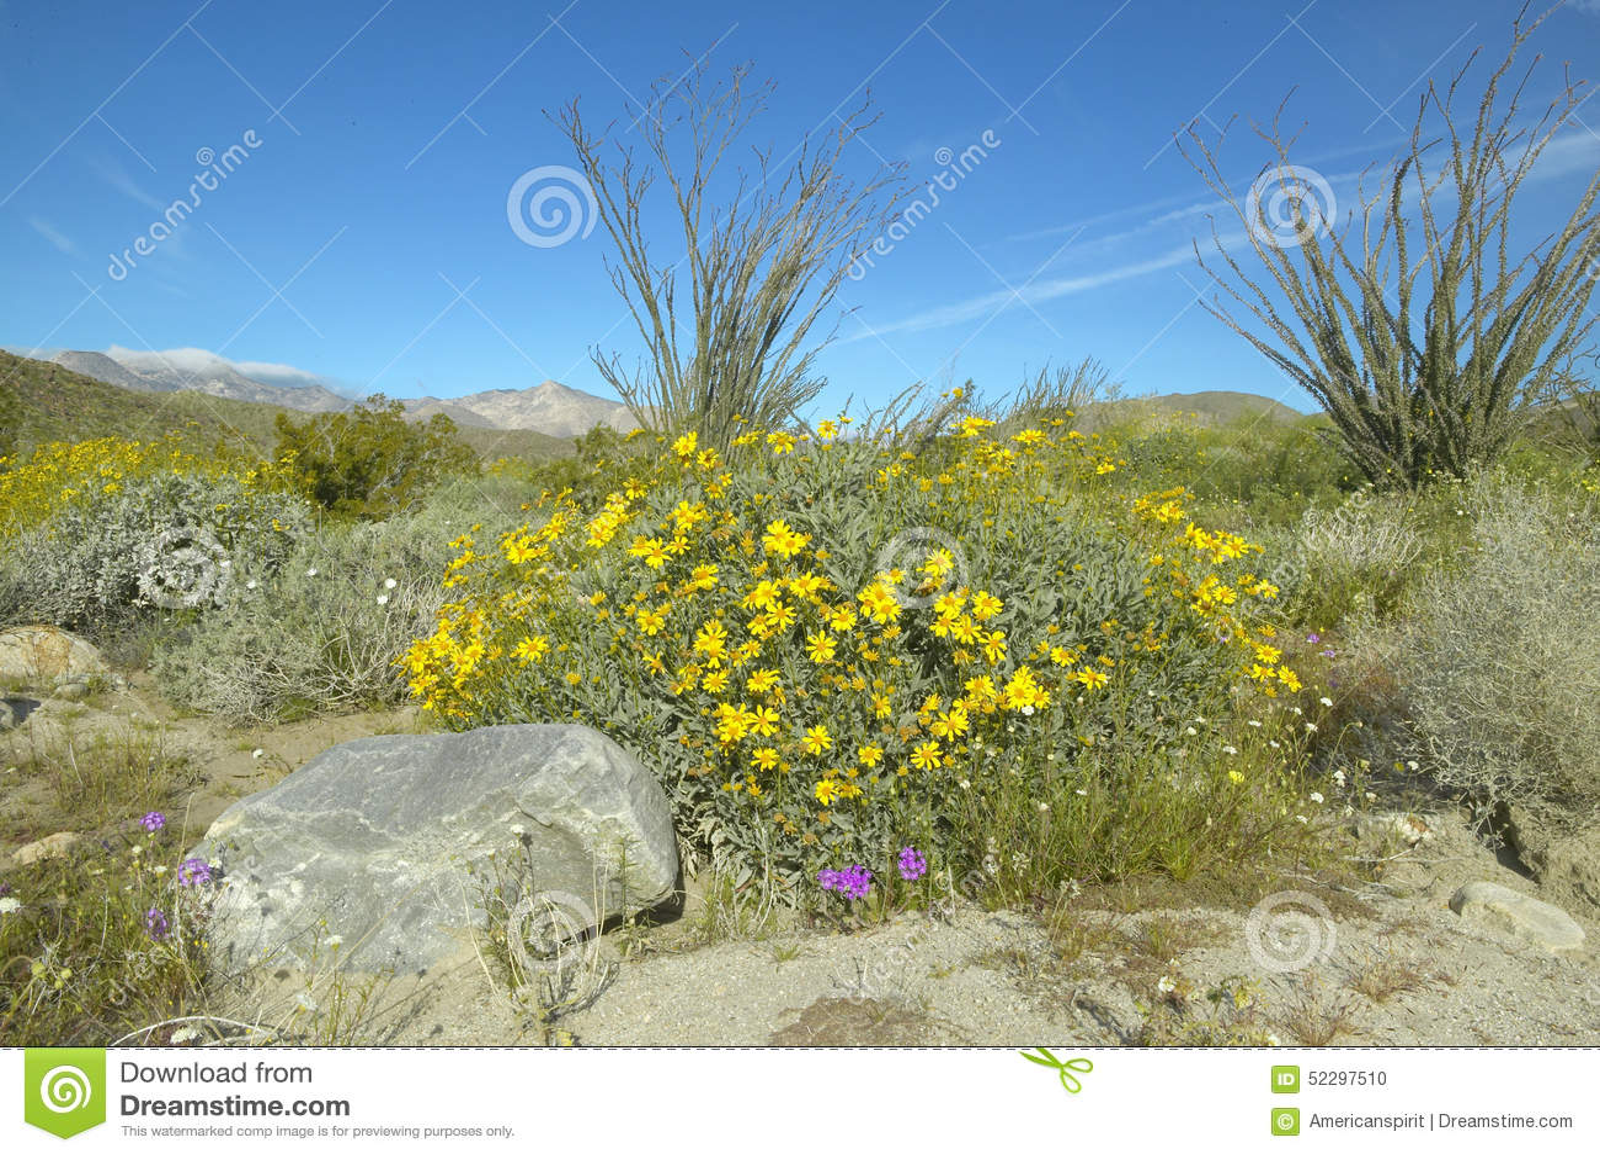 Ocotillo blossoms in springtime desert at Coyote Canyon, Anza-Borrego Desert State Park, near Anza Borrego Springs, CA